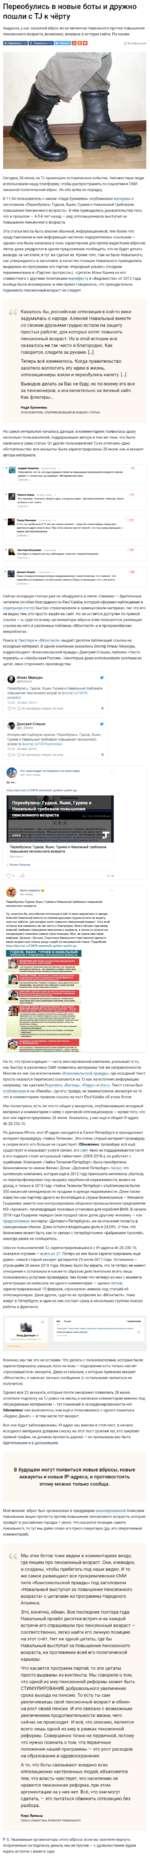 Переобулись в новые боты и дружно пошли с и к чёрту Андрюха, у нас заказной вброс из-за митингов Навального против повышения пенсионного возраста, возможно, впервые в истории сайта. По коням. Н1?^ВЕ1Е1 ПИ^ЯВ^Н ДВЯЯЯ Я И И ☆ в избранное Сегодня, 28 июня, на и произошло историческое событие. Неизв